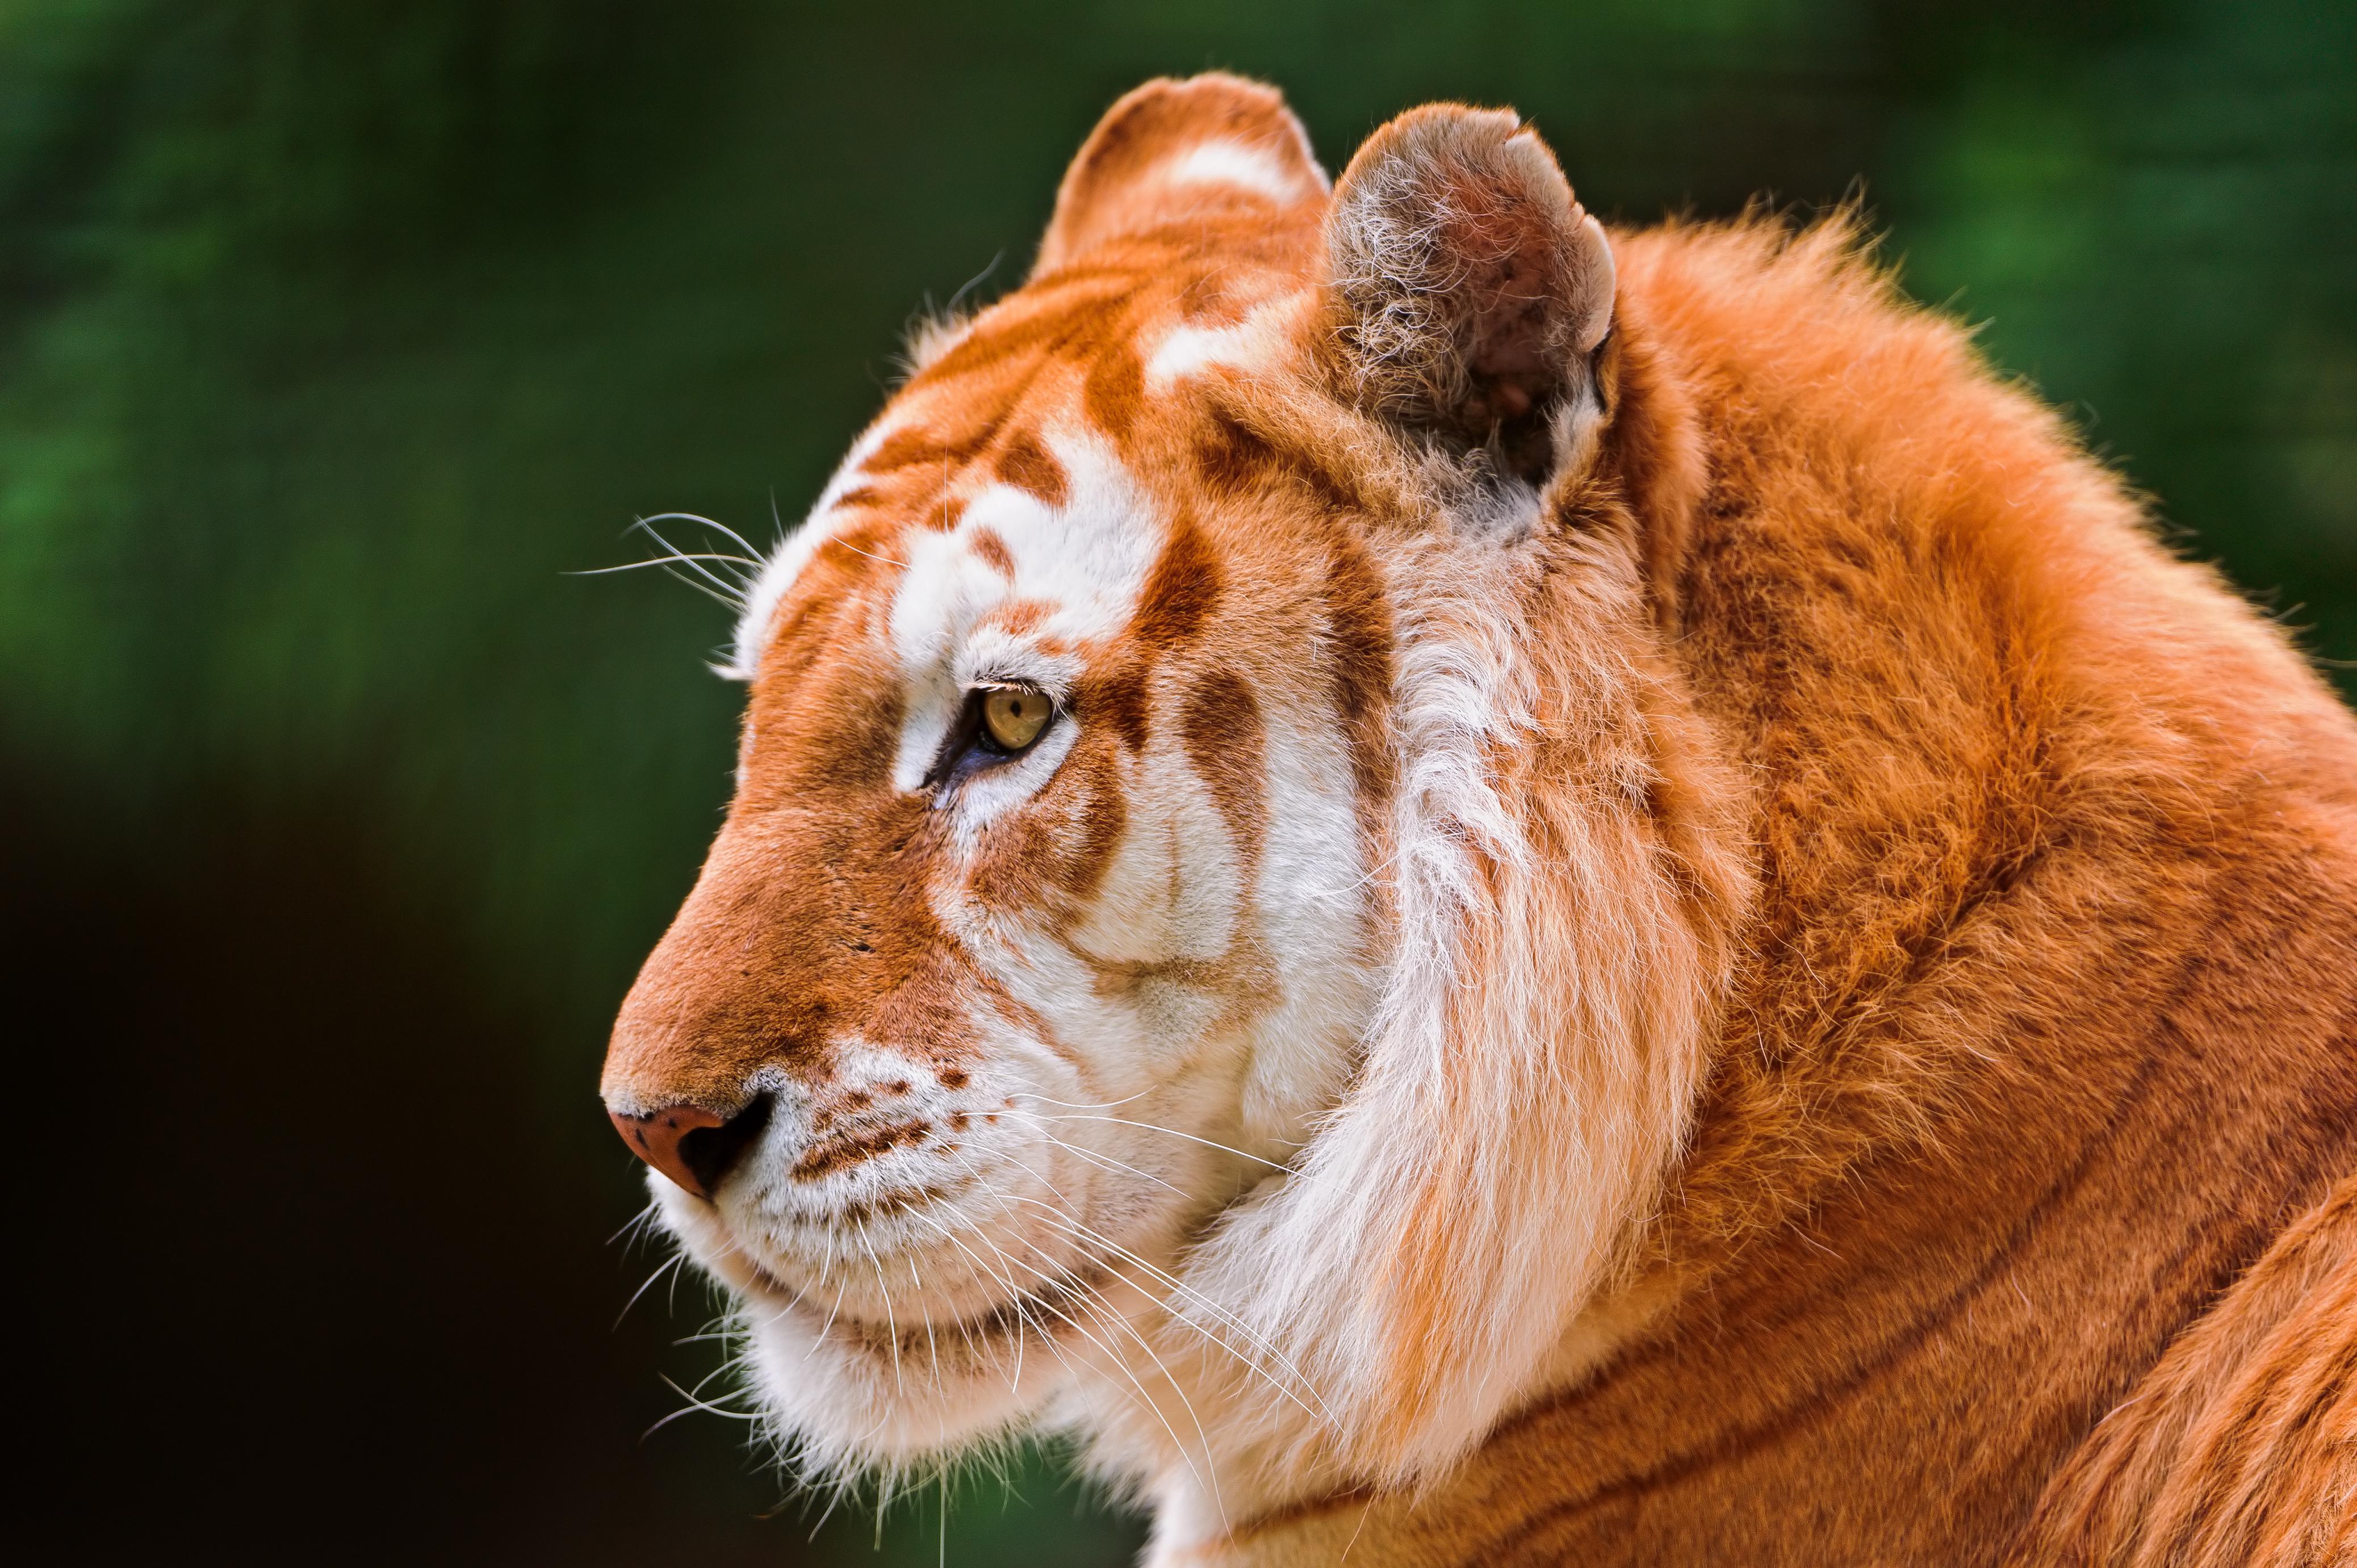 老虎图片 老虎高清壁纸 动物壁纸-第2张